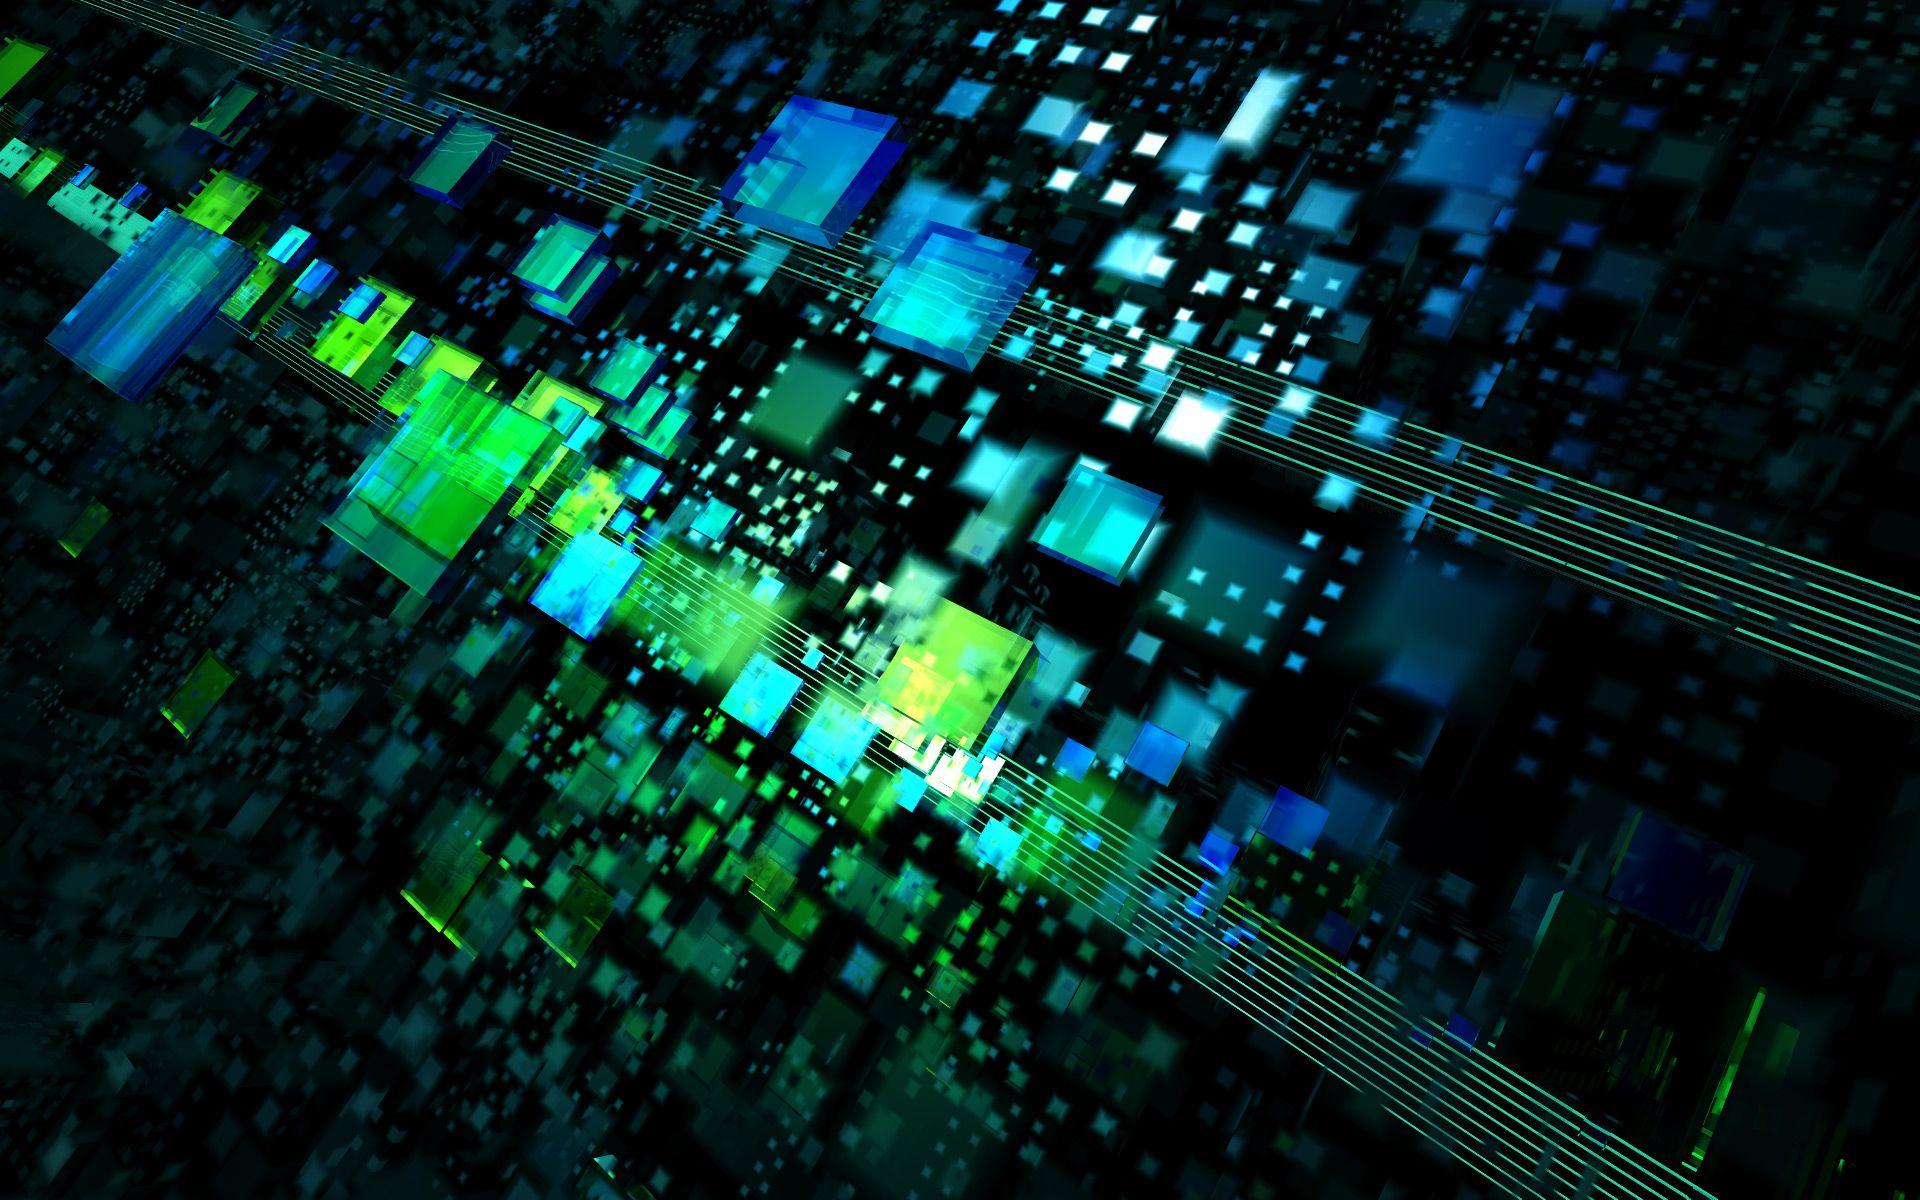 computer engineering desktop wallpaper wwwpixsharkcom